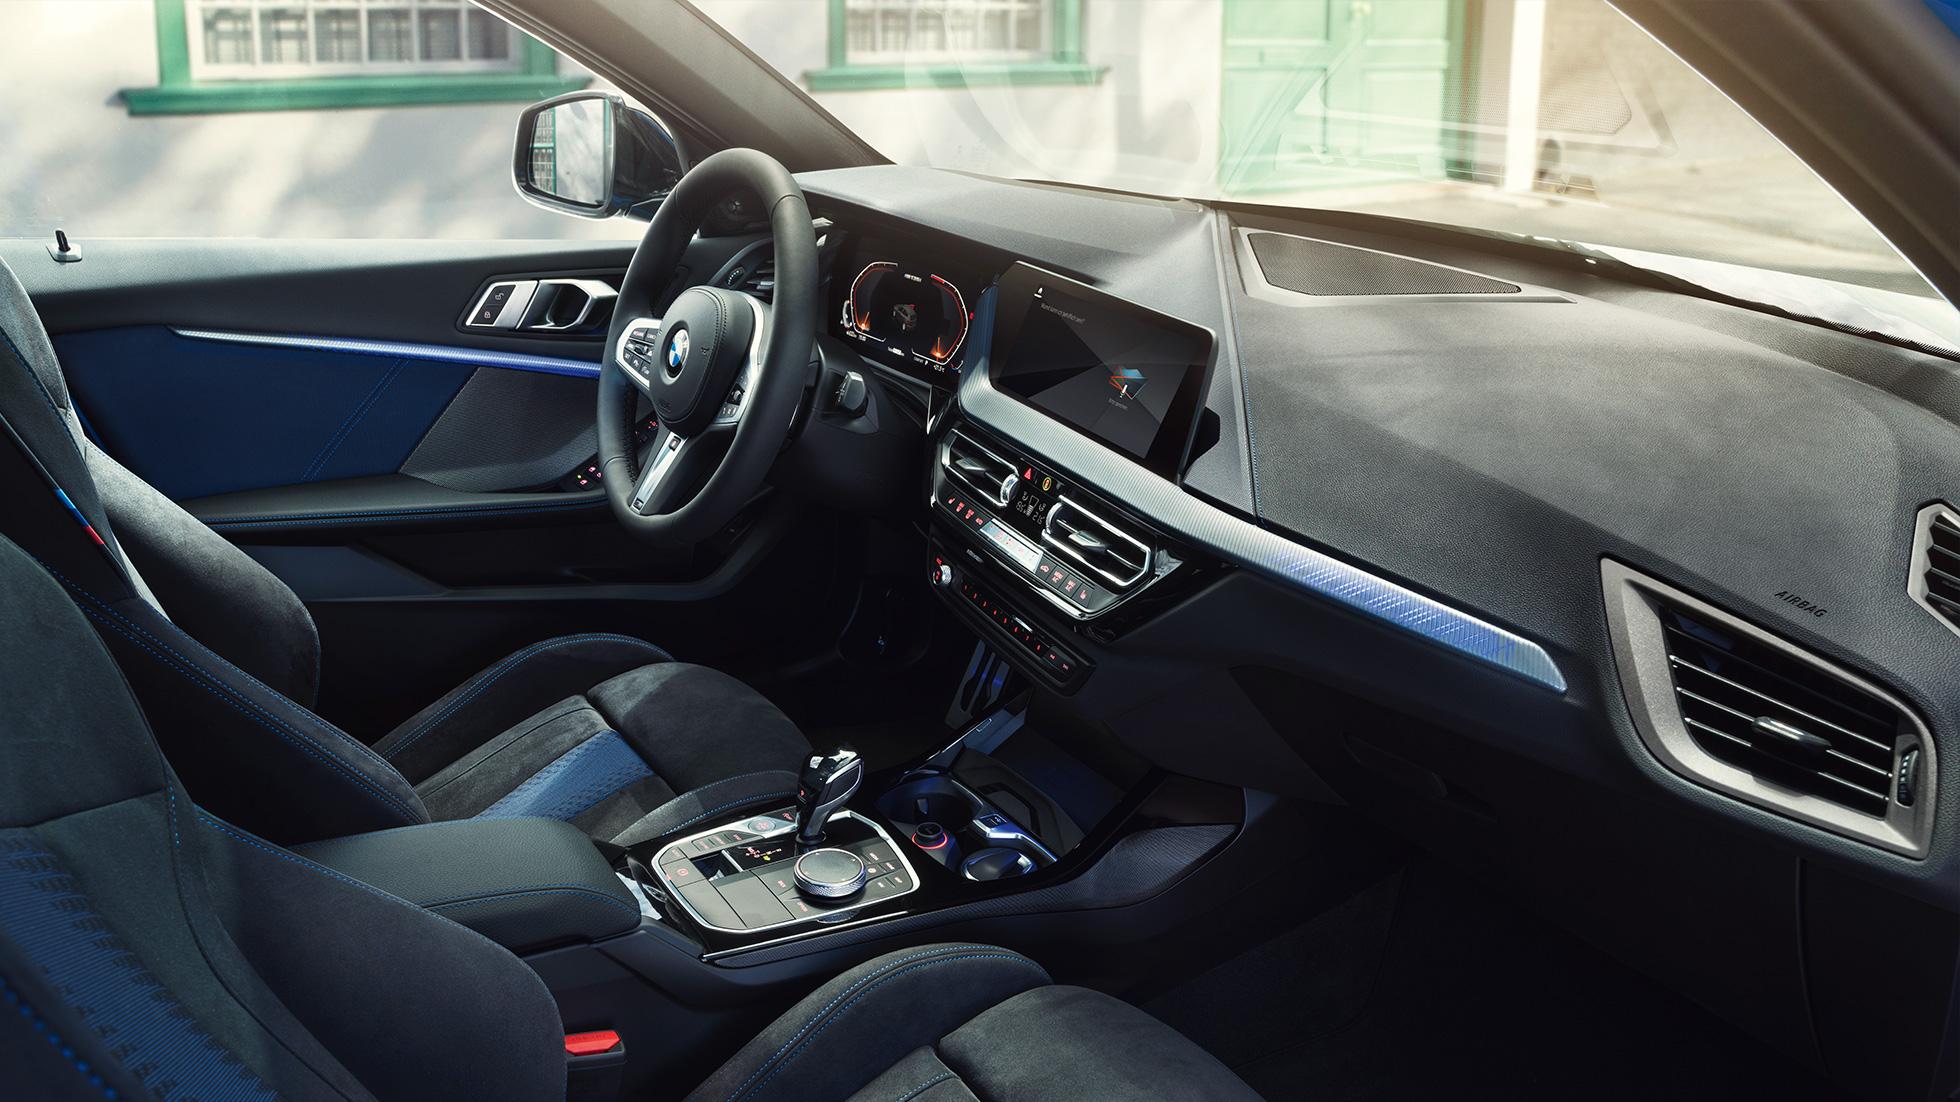 Découvrez l'habitacle de la nouvelle BMW Série 1 à Carcassonne,Narbonne en concession Edenauto